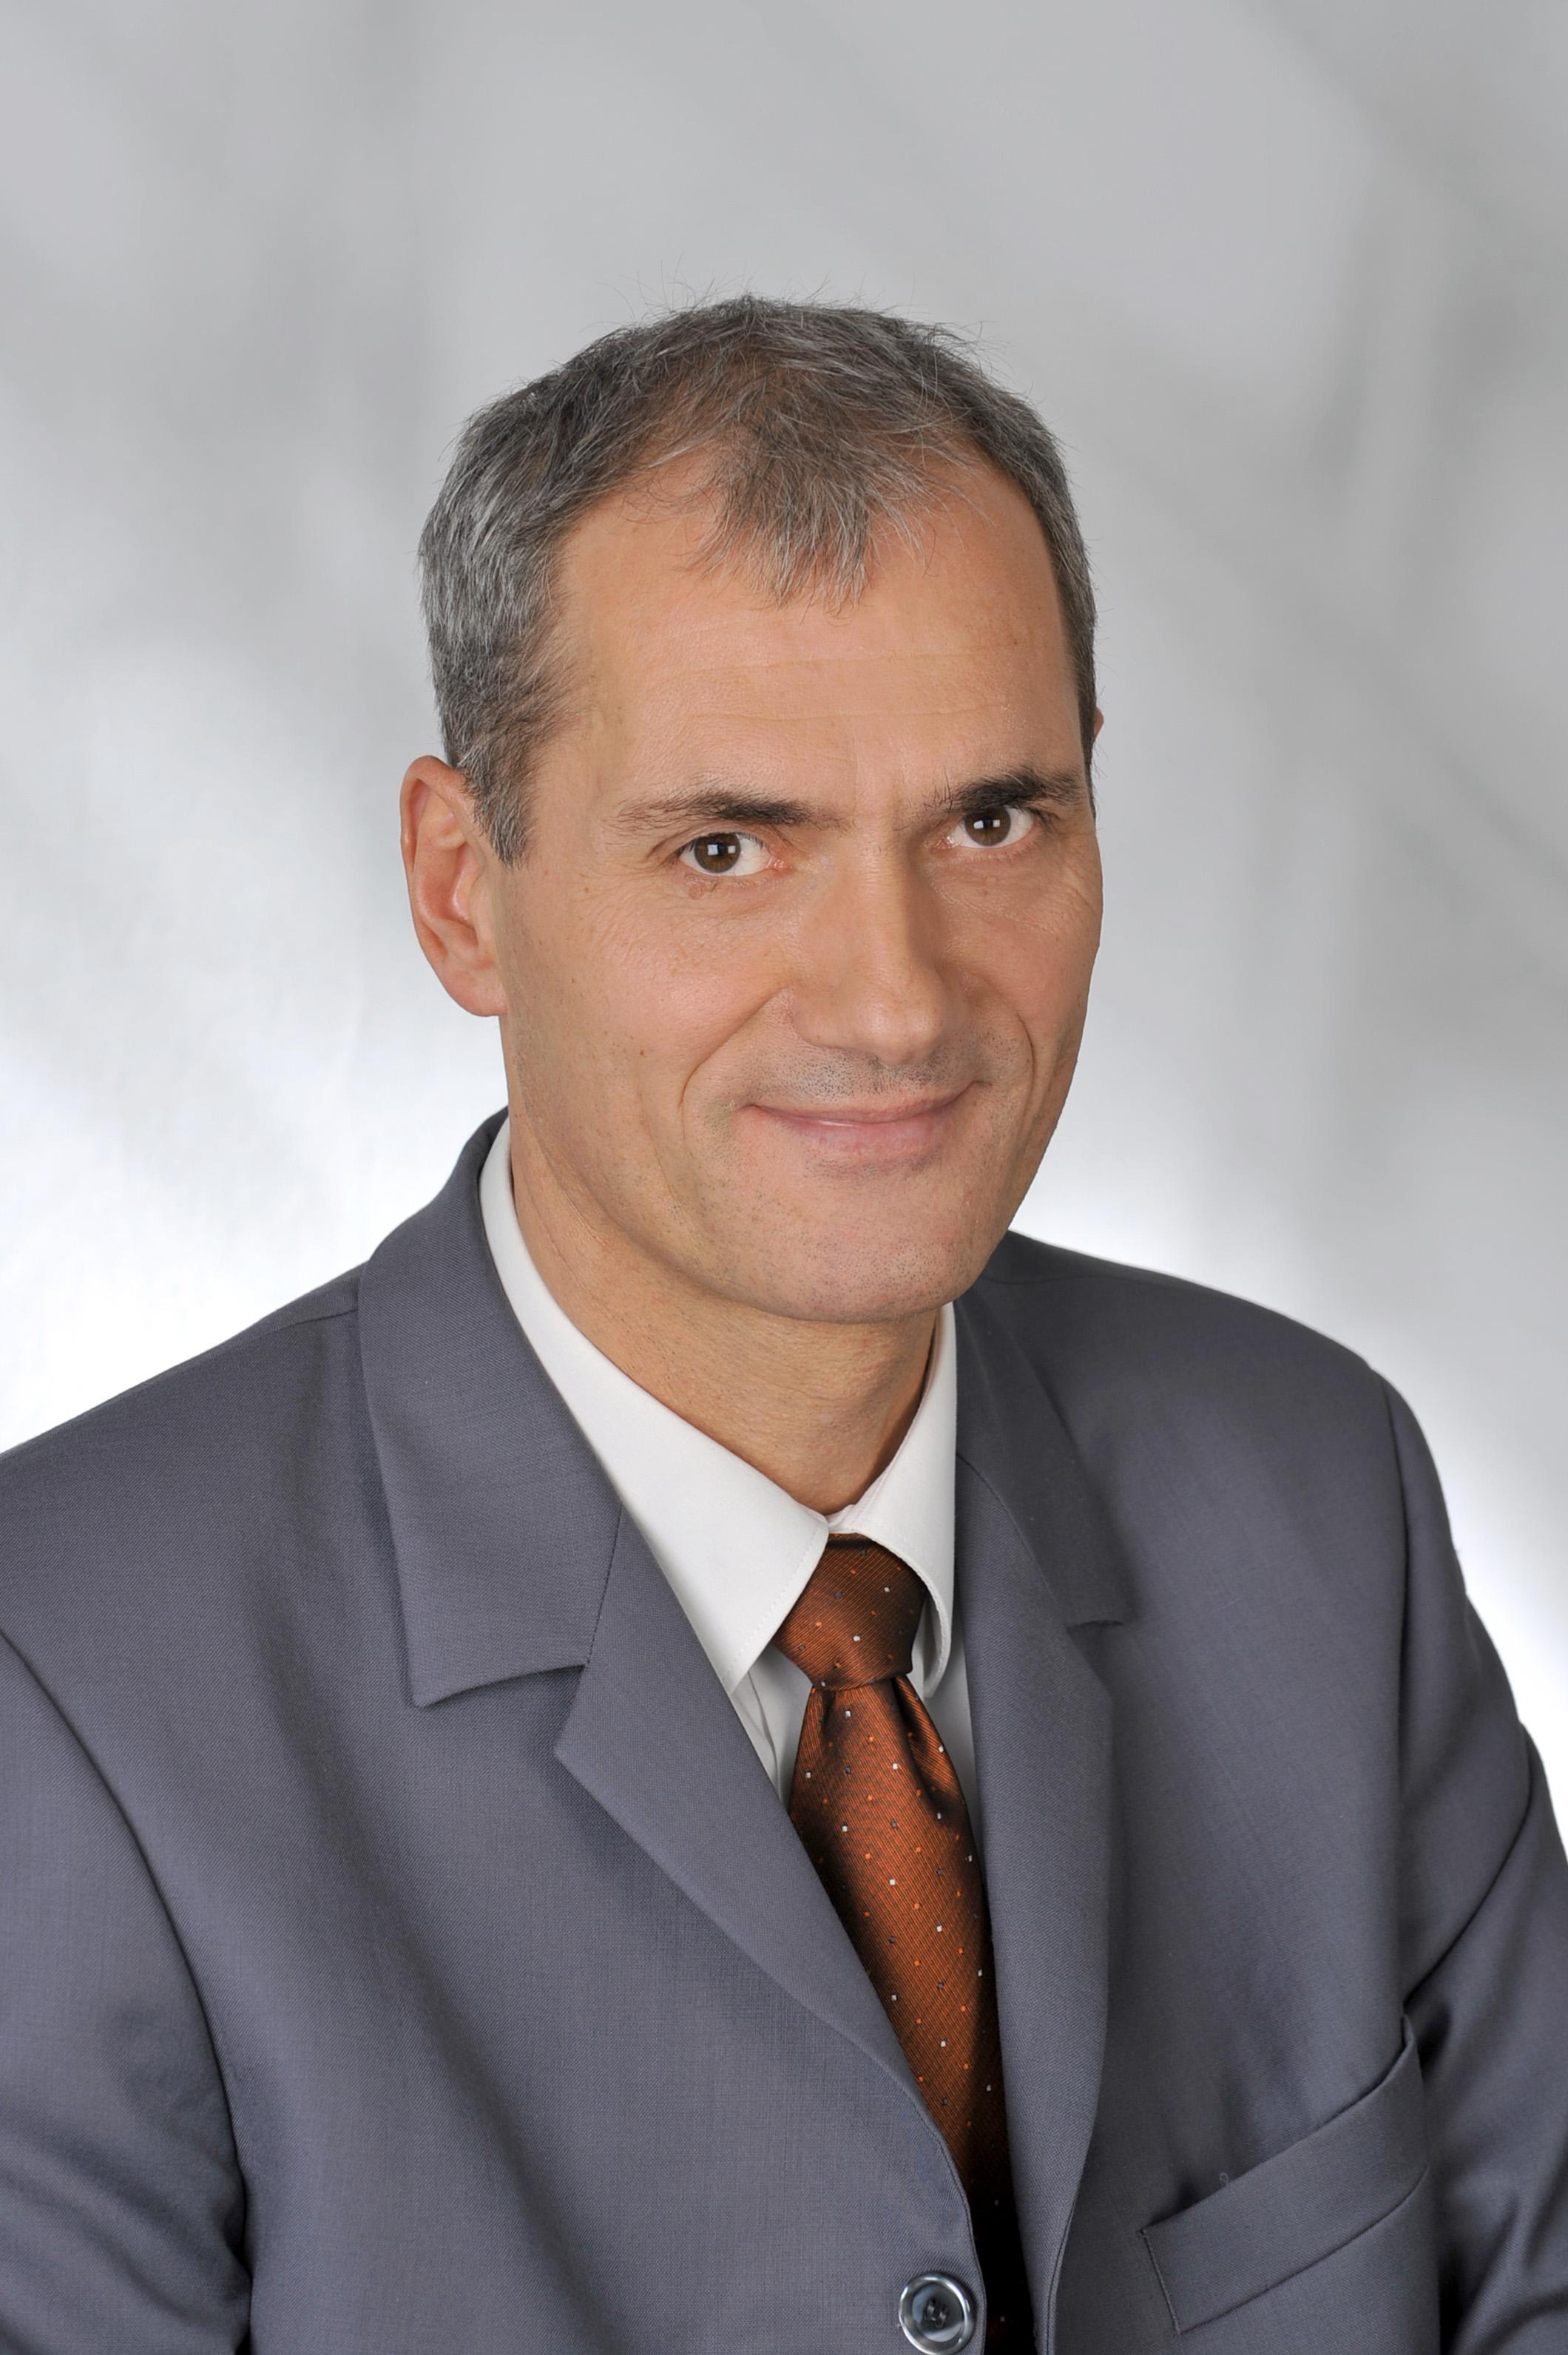 Johann Kaltleithner